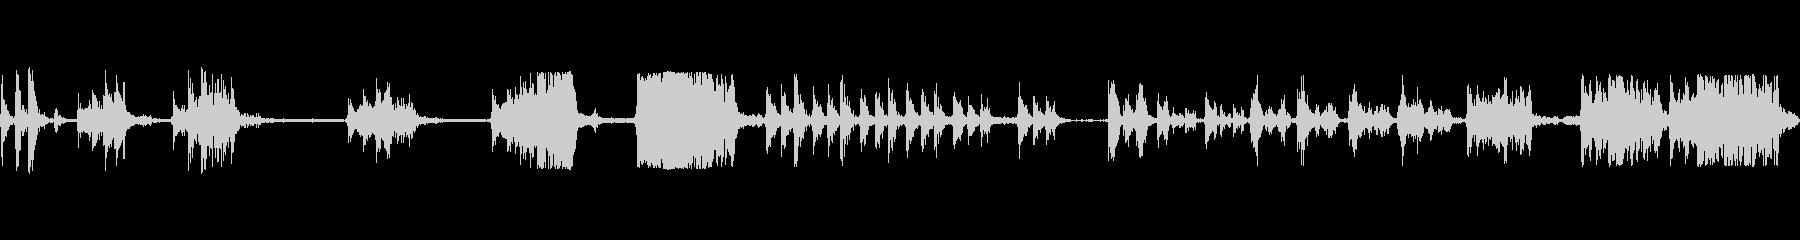 ロケットアフターバーナー火ar音フロリダの未再生の波形